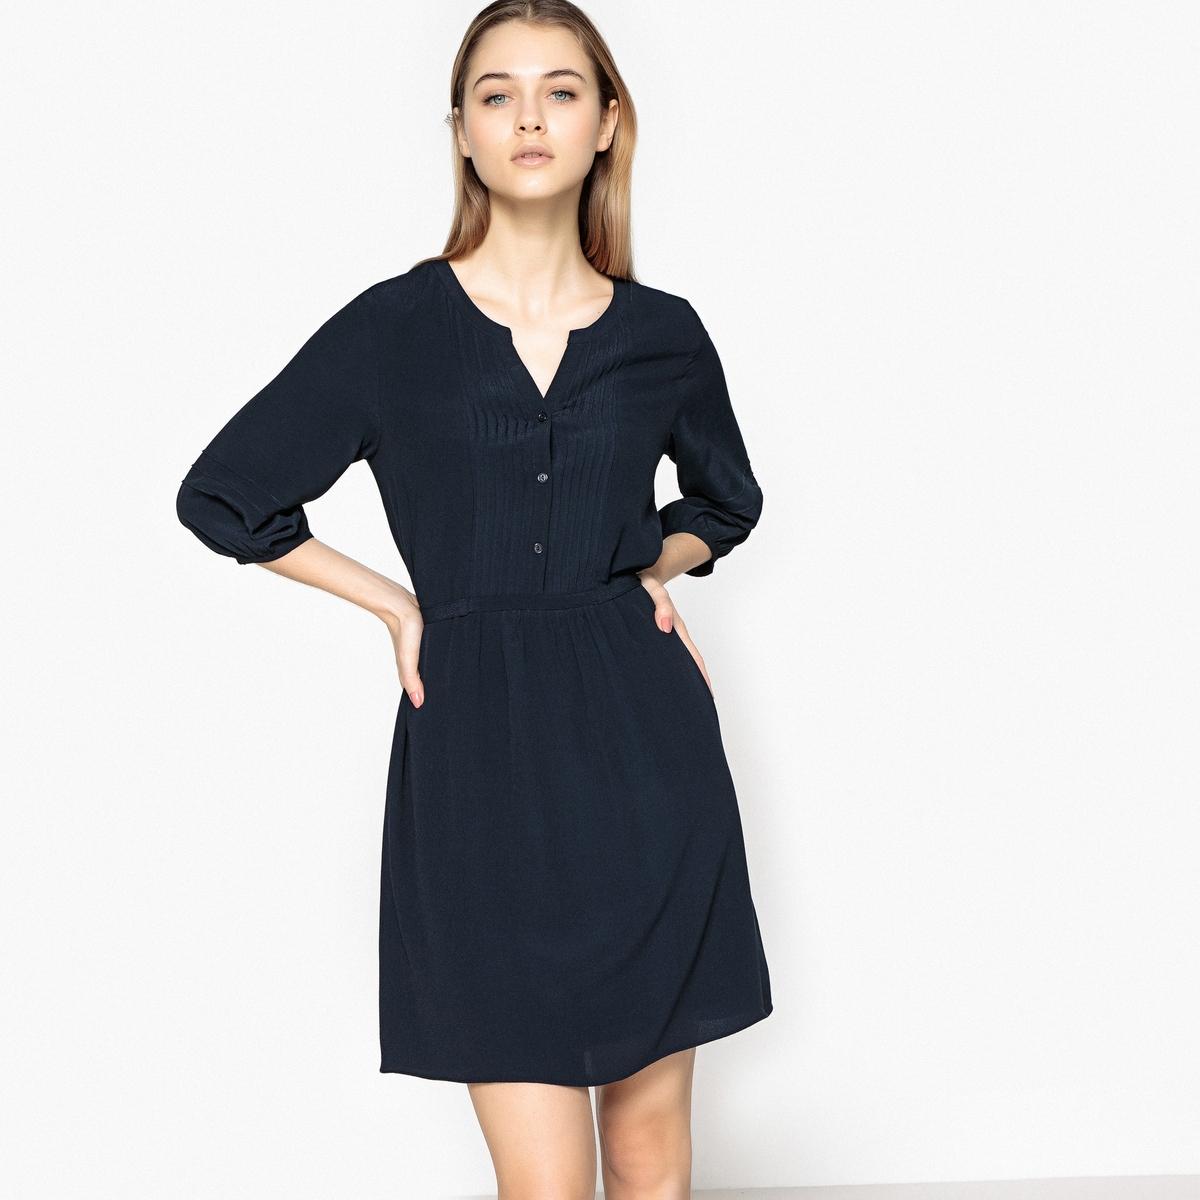 Платье с рукавами 3/4 RONCIERОписание:Детали •  Форма : прямая •  Укороченная модель •  Длинные рукава    •   V-образный вырезСостав и уход •  100% вискоза •  Следуйте советам по уходу, указанным на этикетке<br><br>Цвет: темно-синий<br>Размер: M